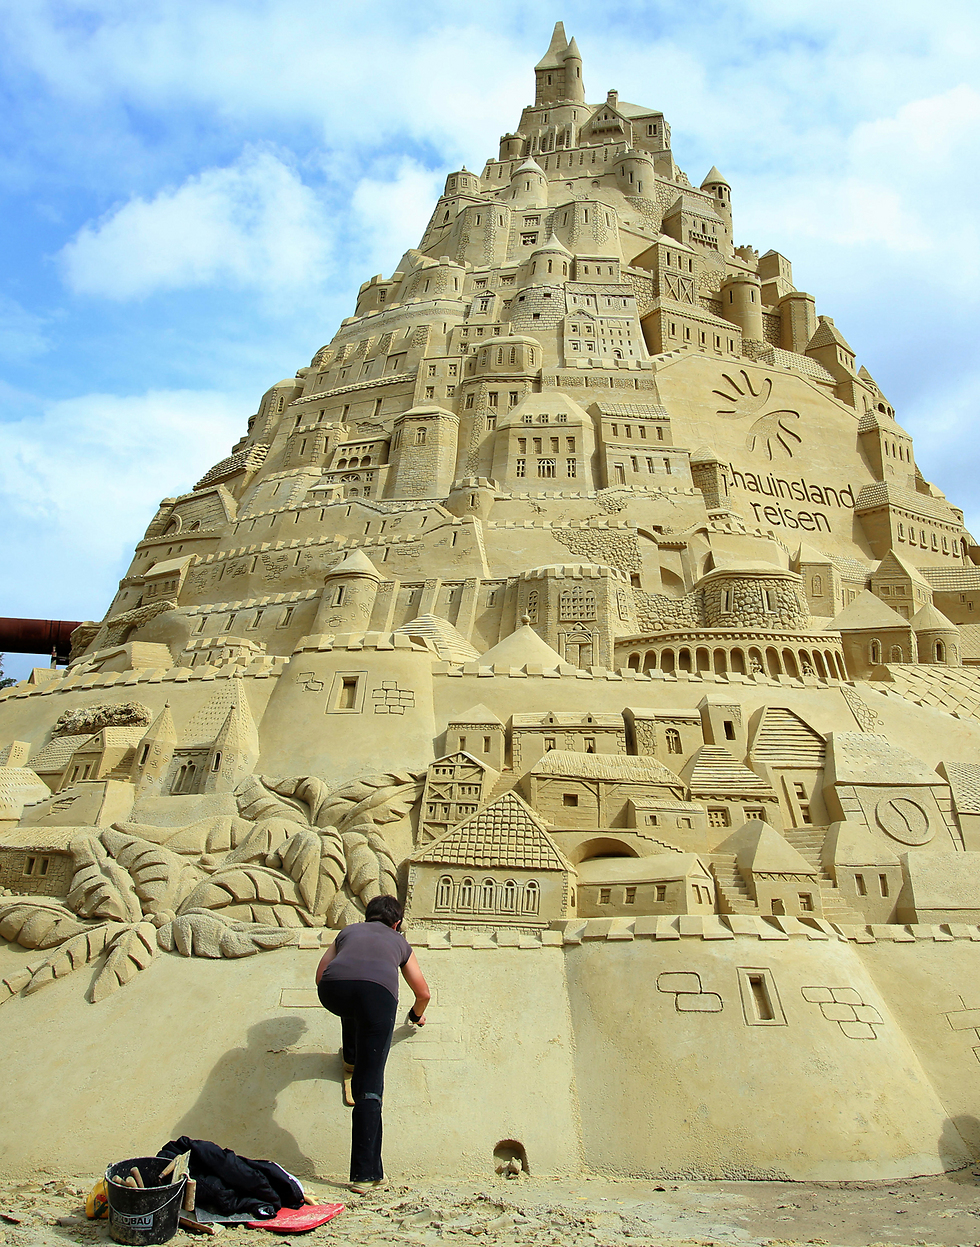 ארמון החול הגבוה בעולם נבנה בגרמניה (צילום: AP) (צילום: AP)